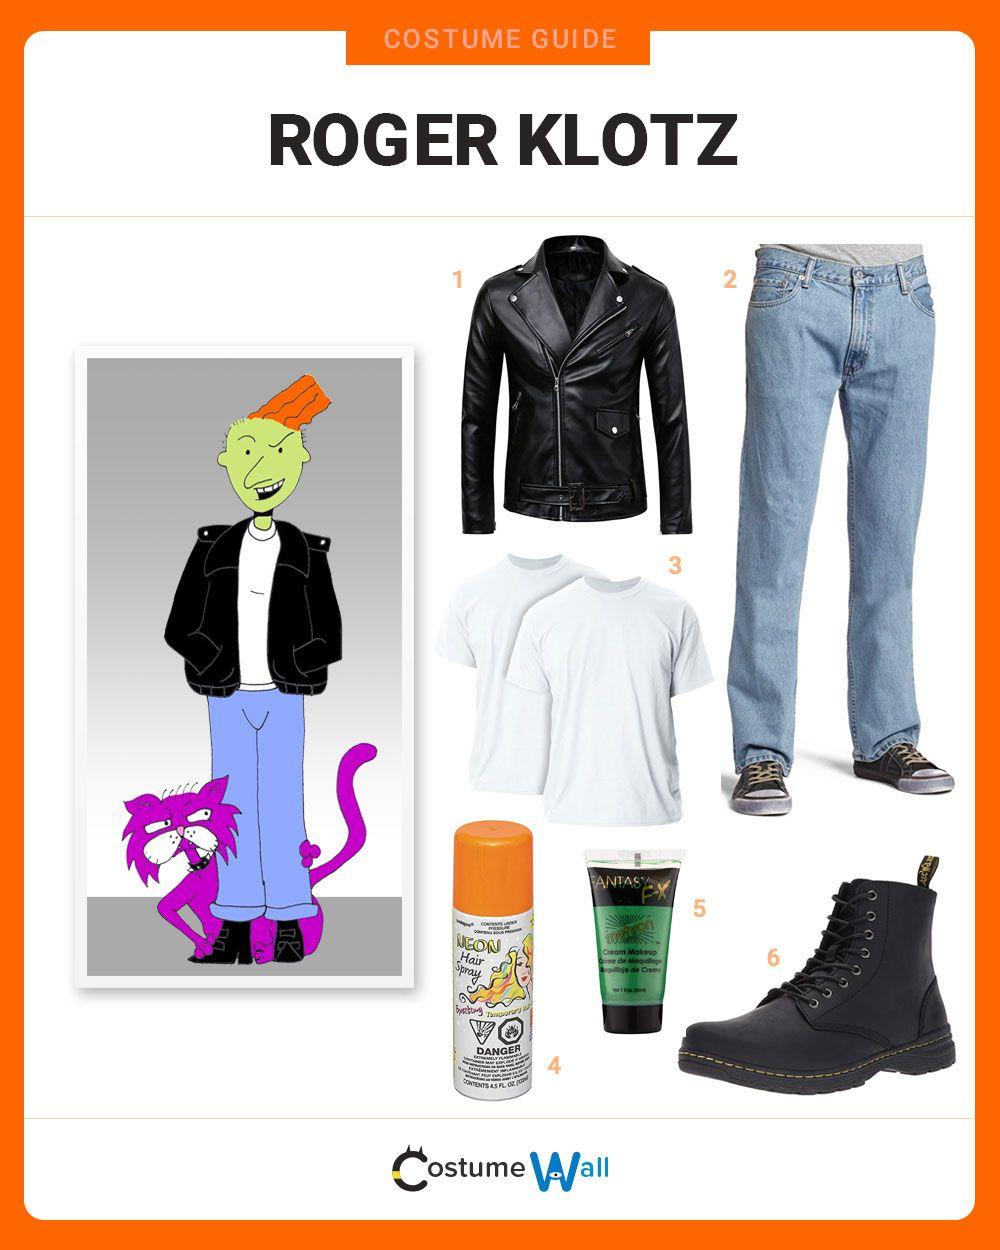 Roger Klotz Costume